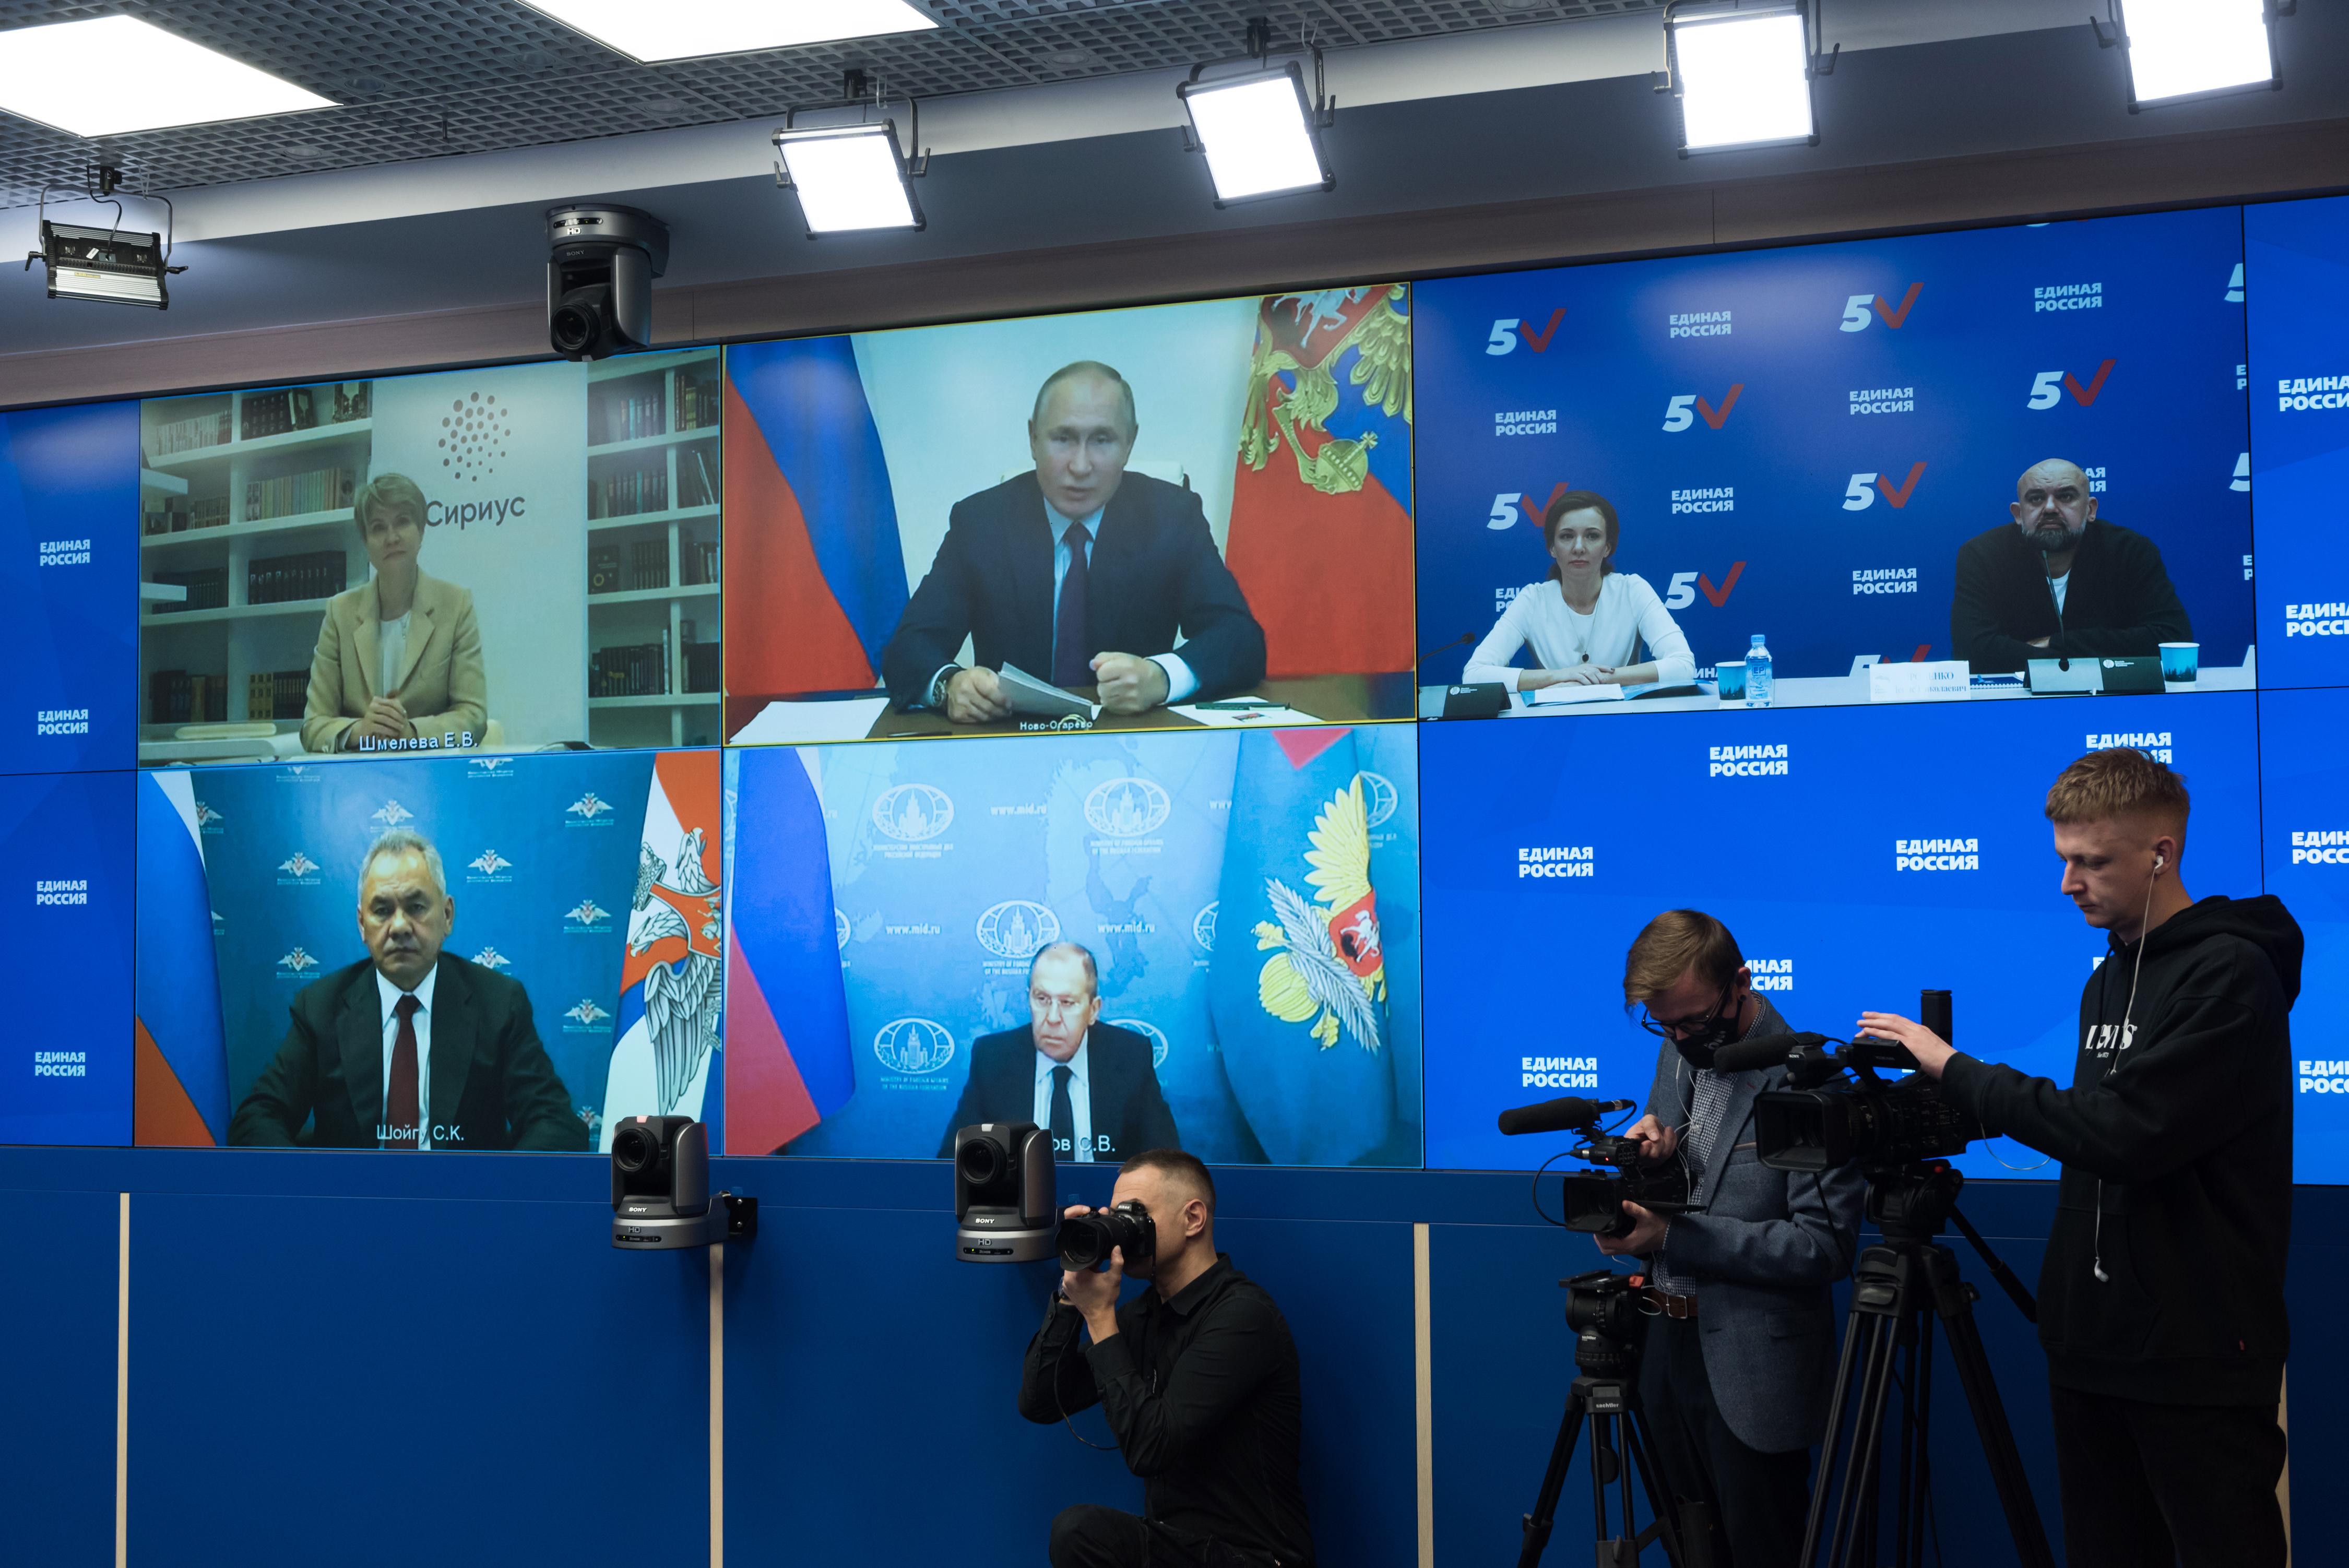 Встреча Владимира Путина с лидерами предвыборного списка «Единой России»